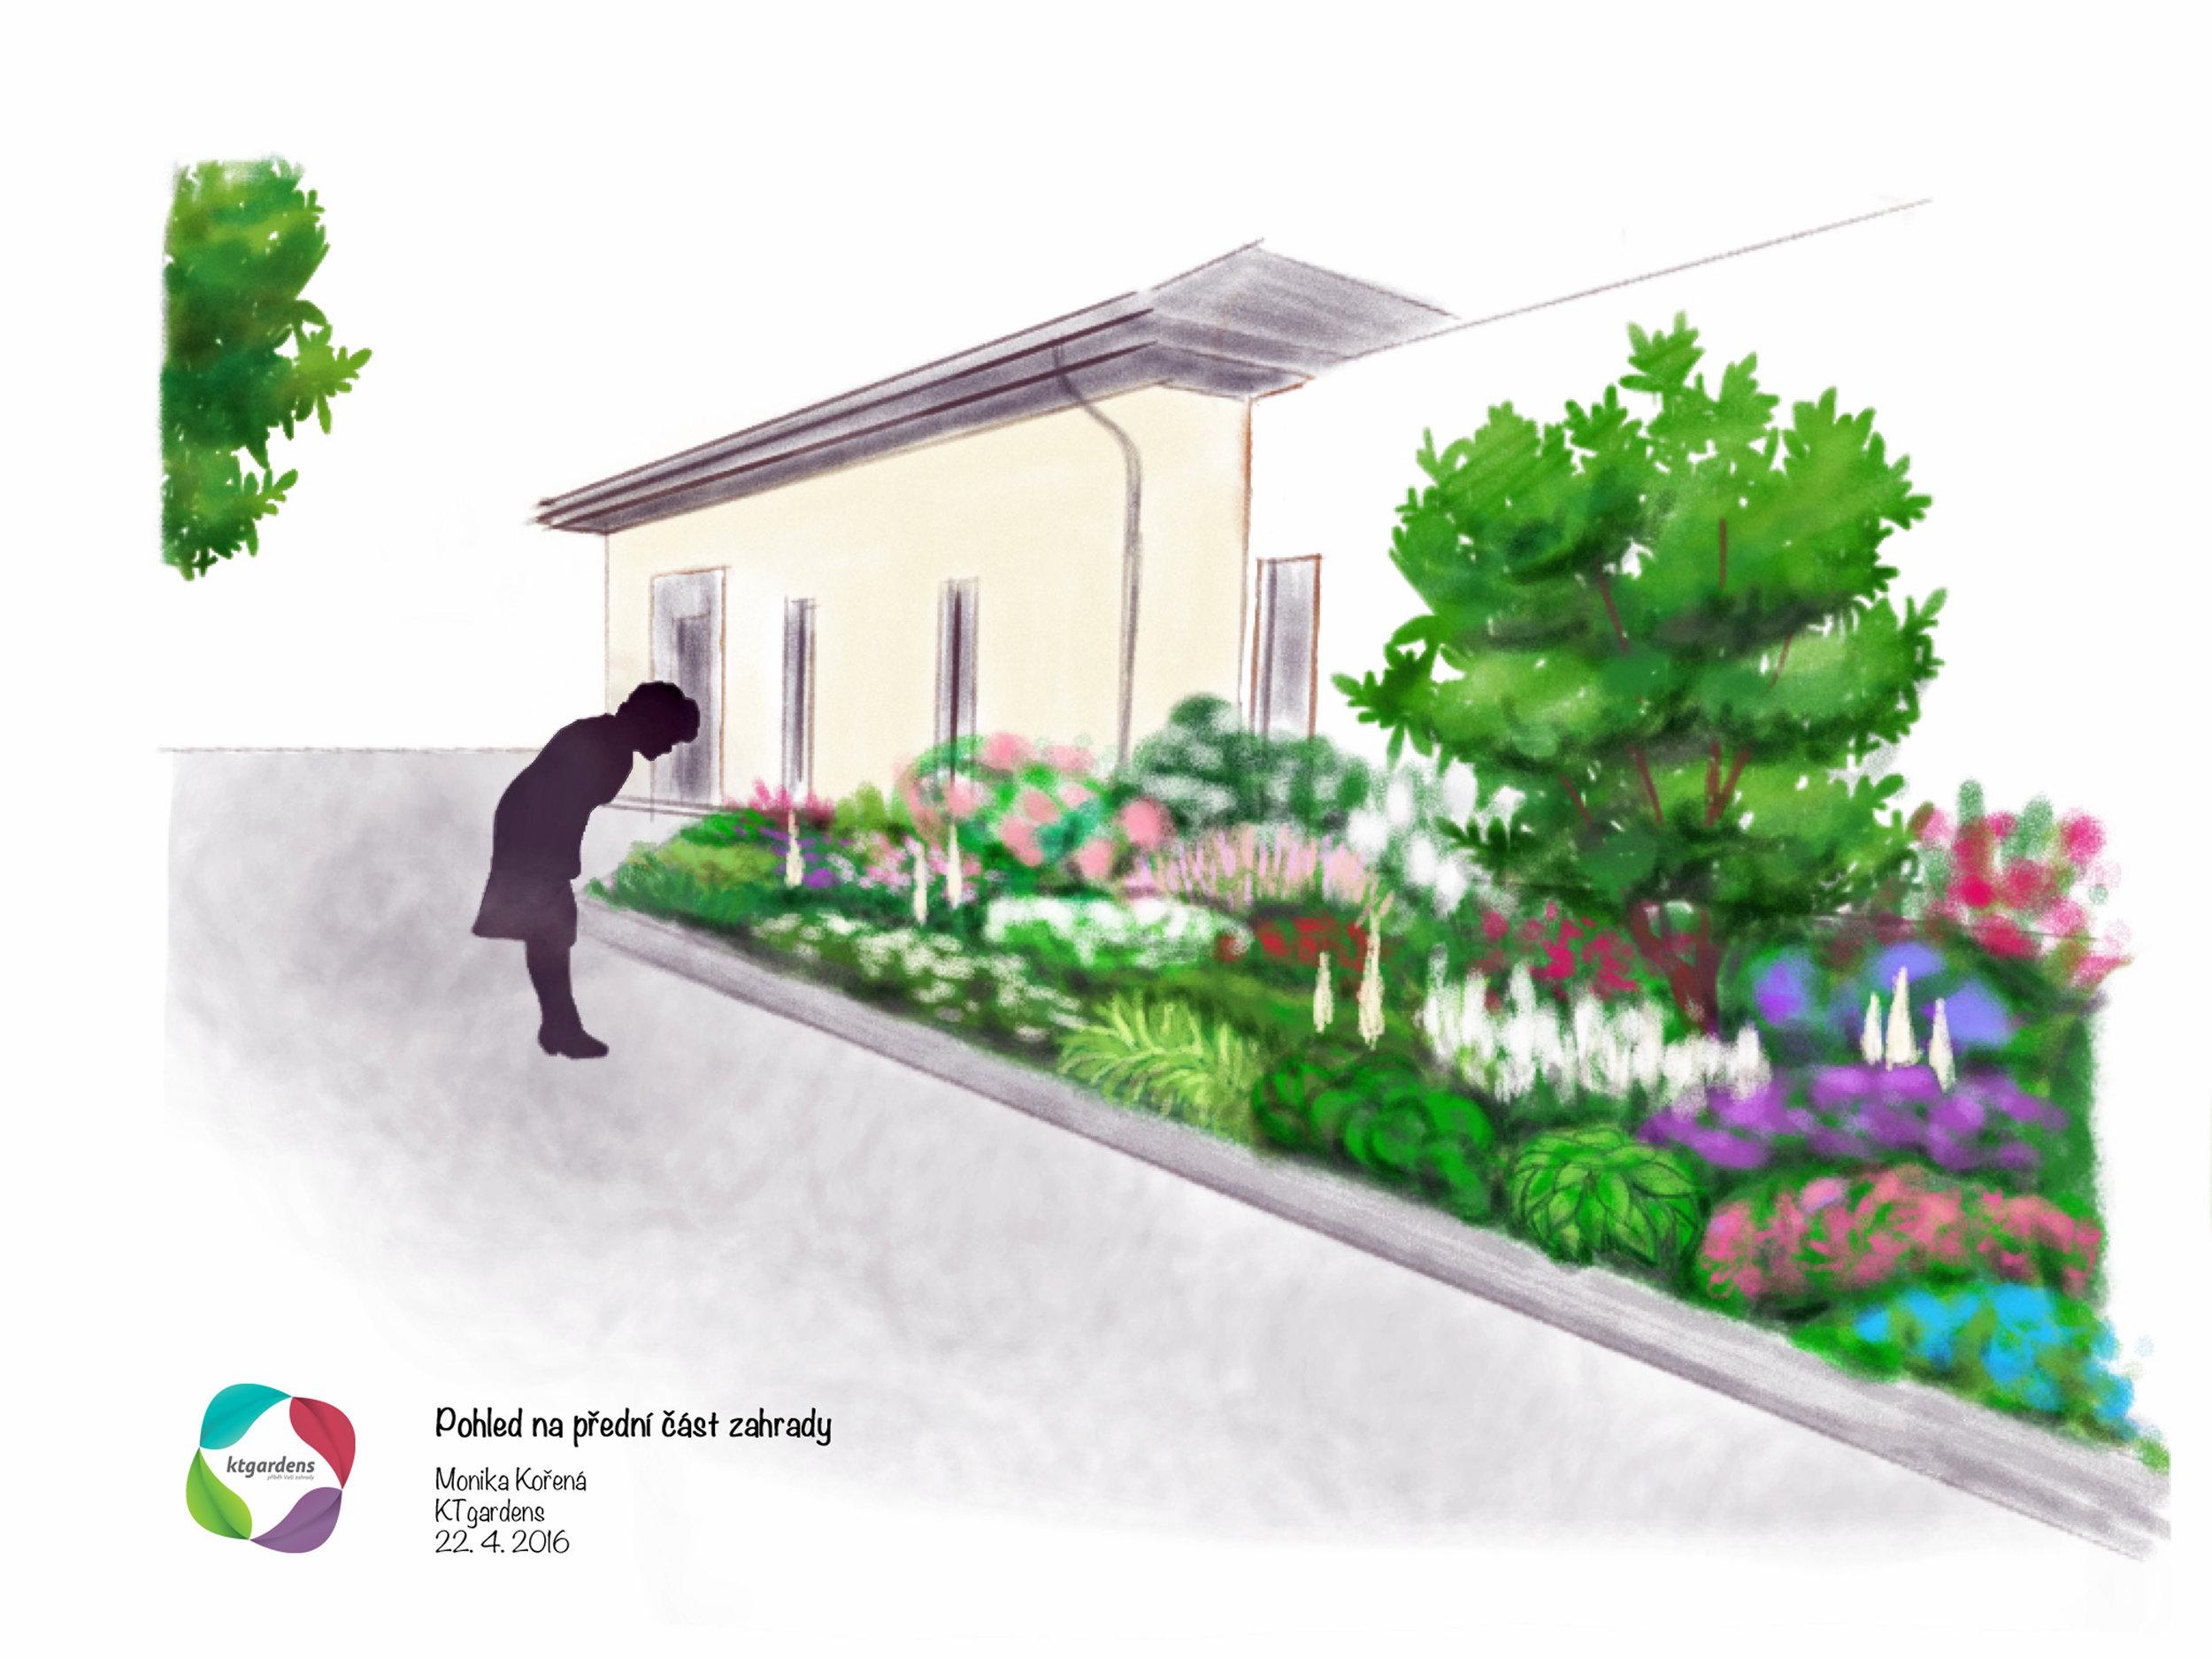 Návrh zahrady v Heřmanicích, venkovská zahrada, přírodní zahrada, KTgardens